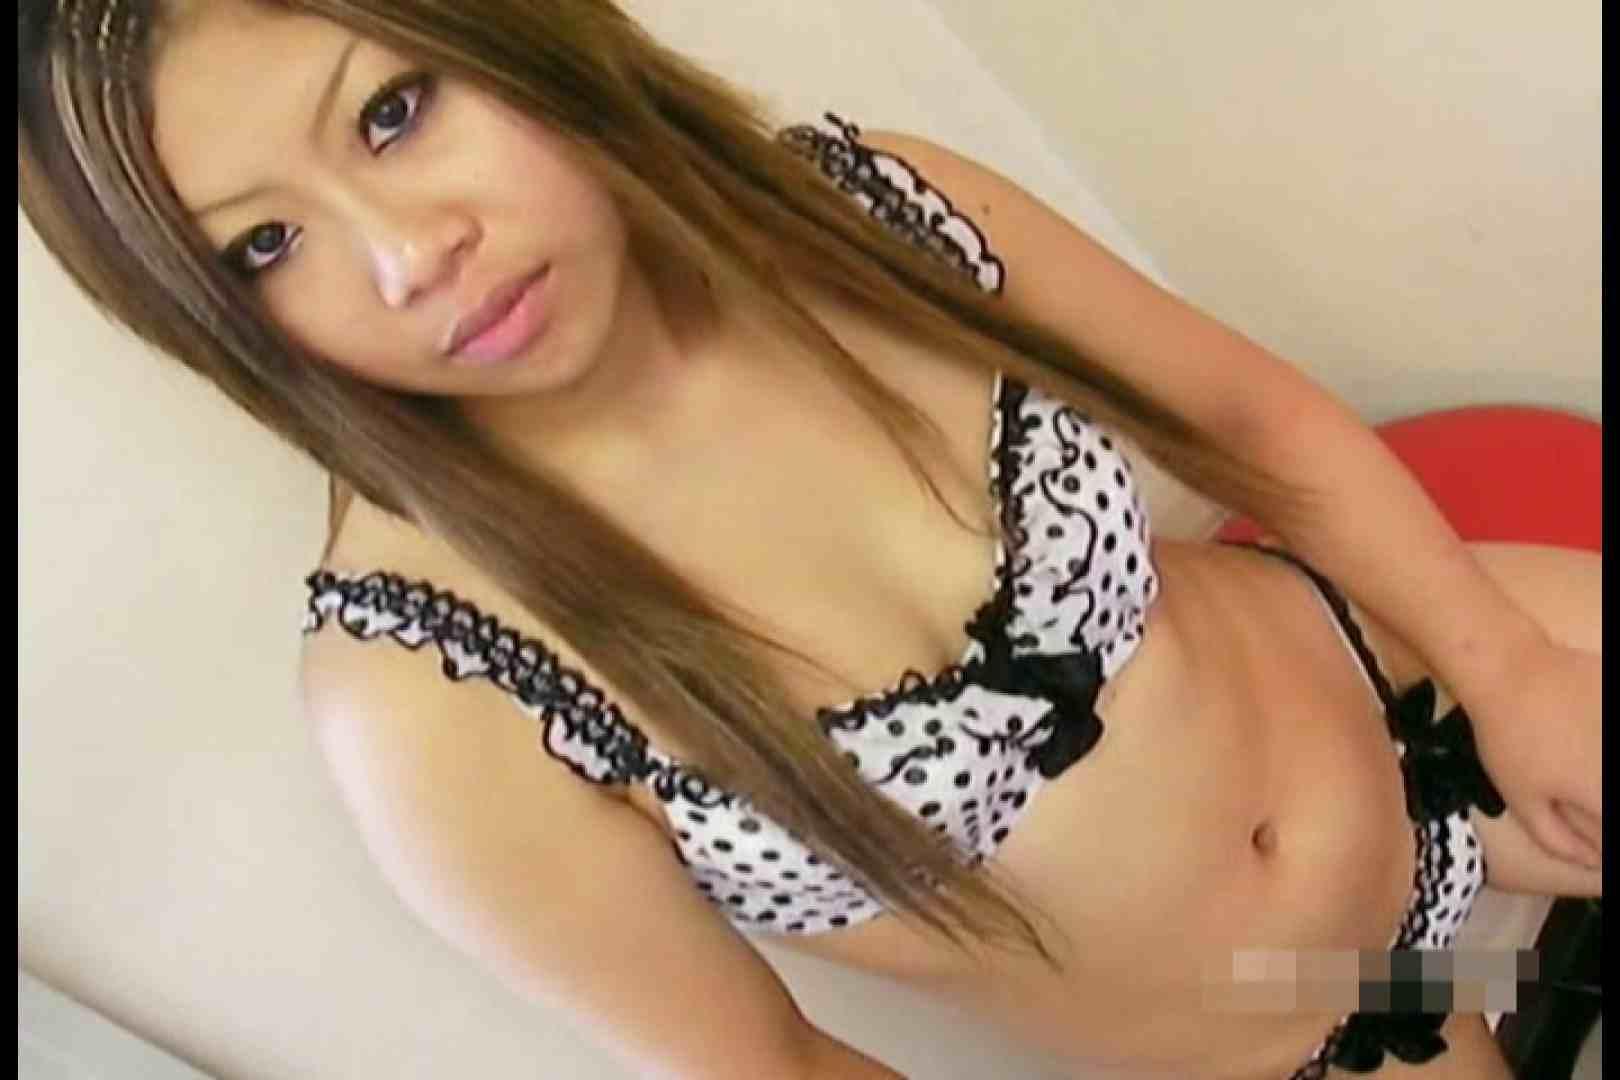 素人撮影 下着だけの撮影のはずが・・・幸子18歳 着替え  81pic 37